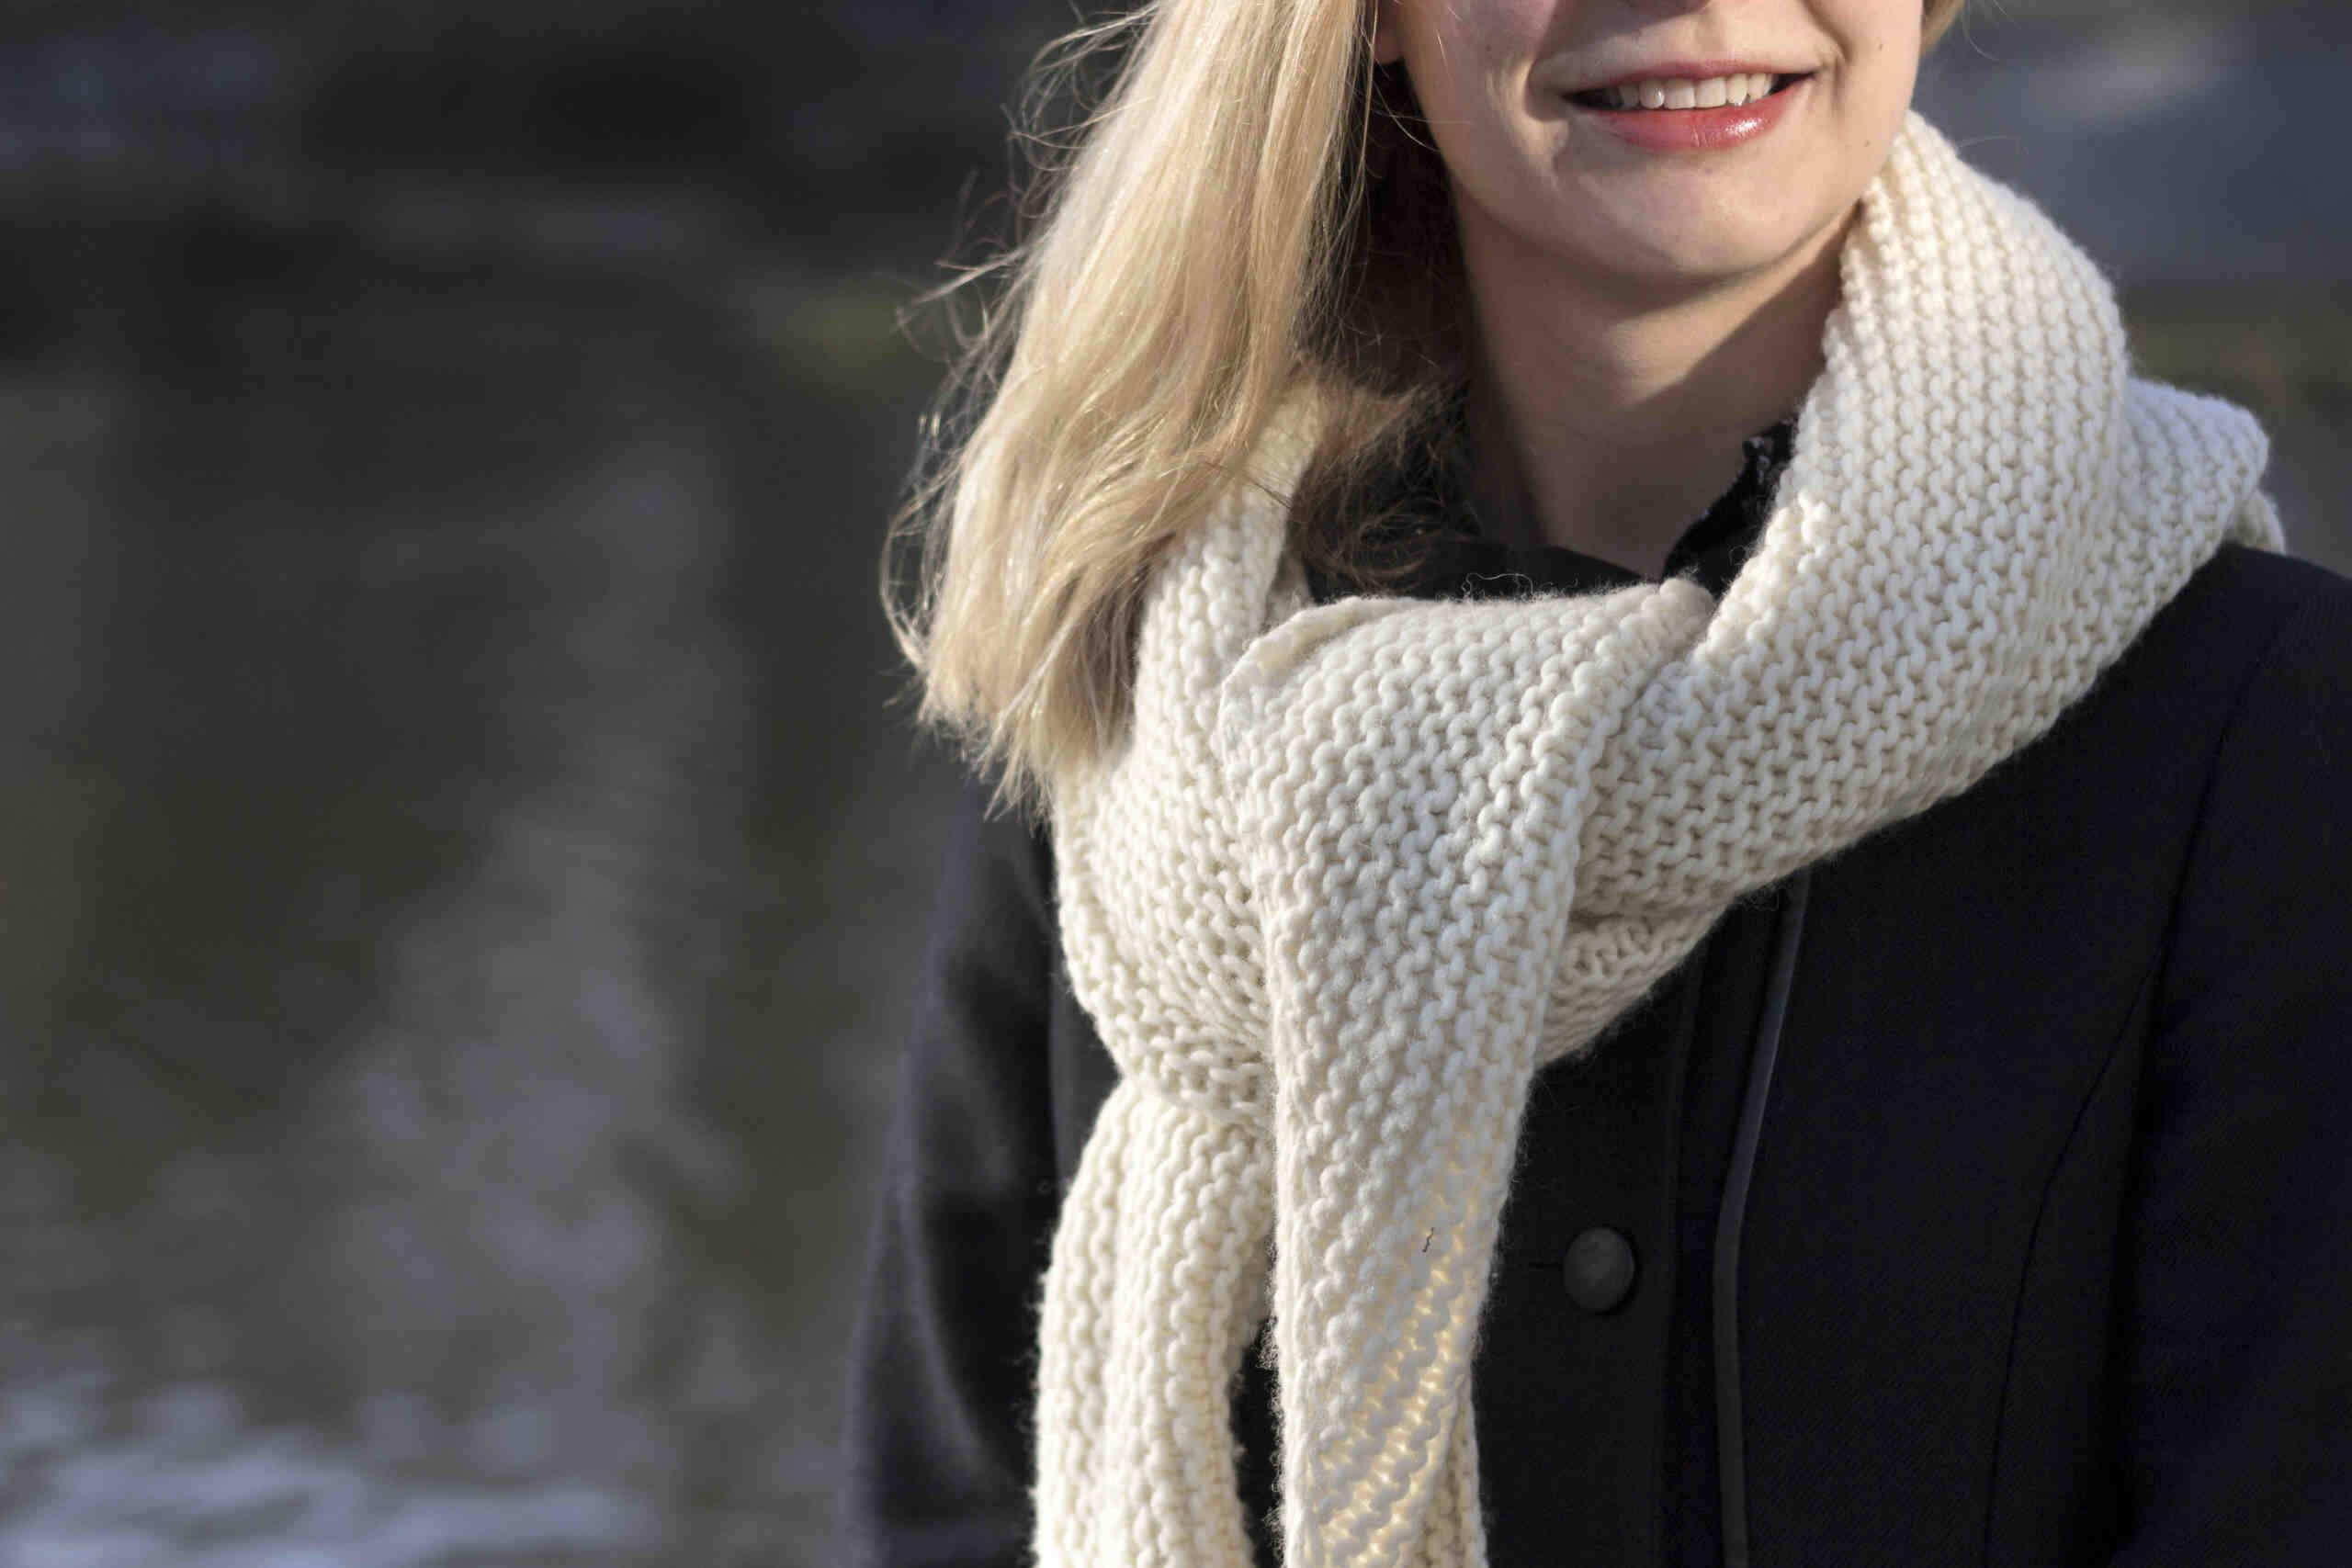 Quelles aiguilles pour tricoter un châle?